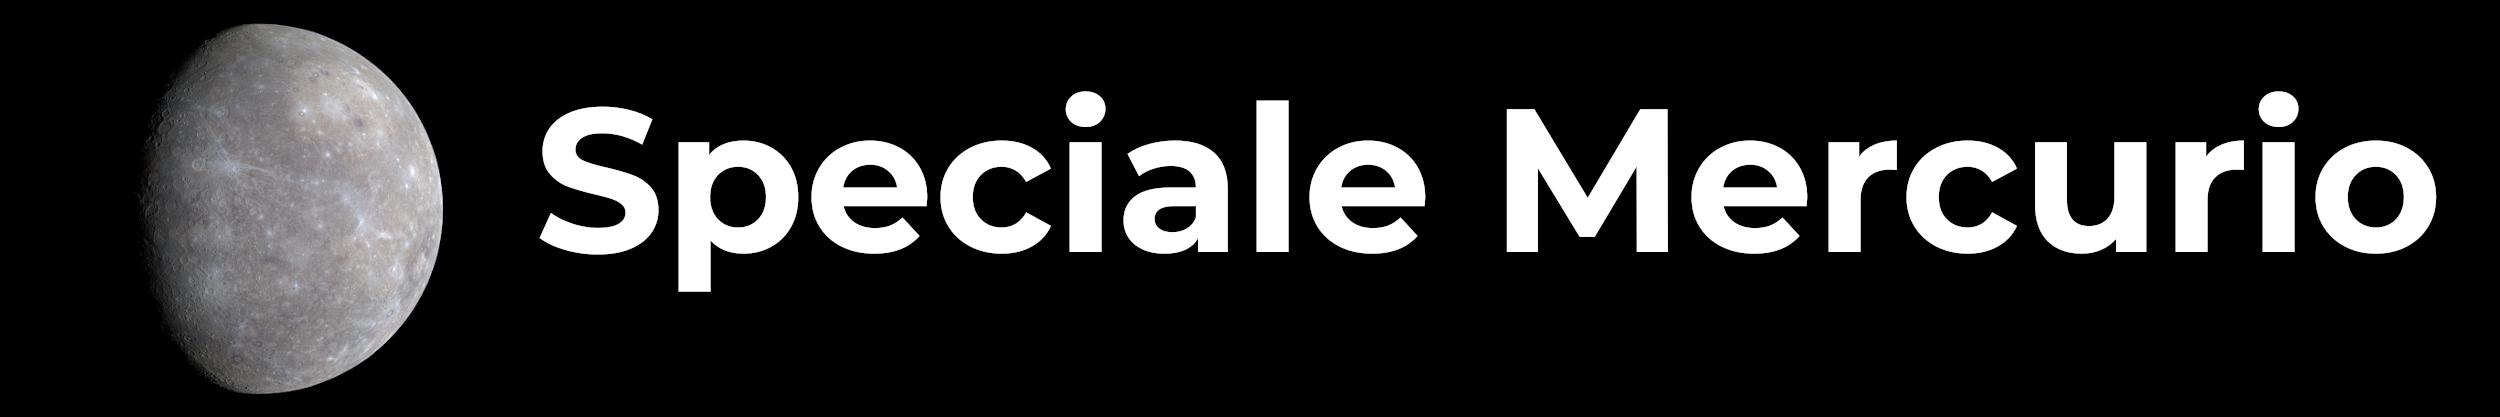 speciale_mercurio_banner